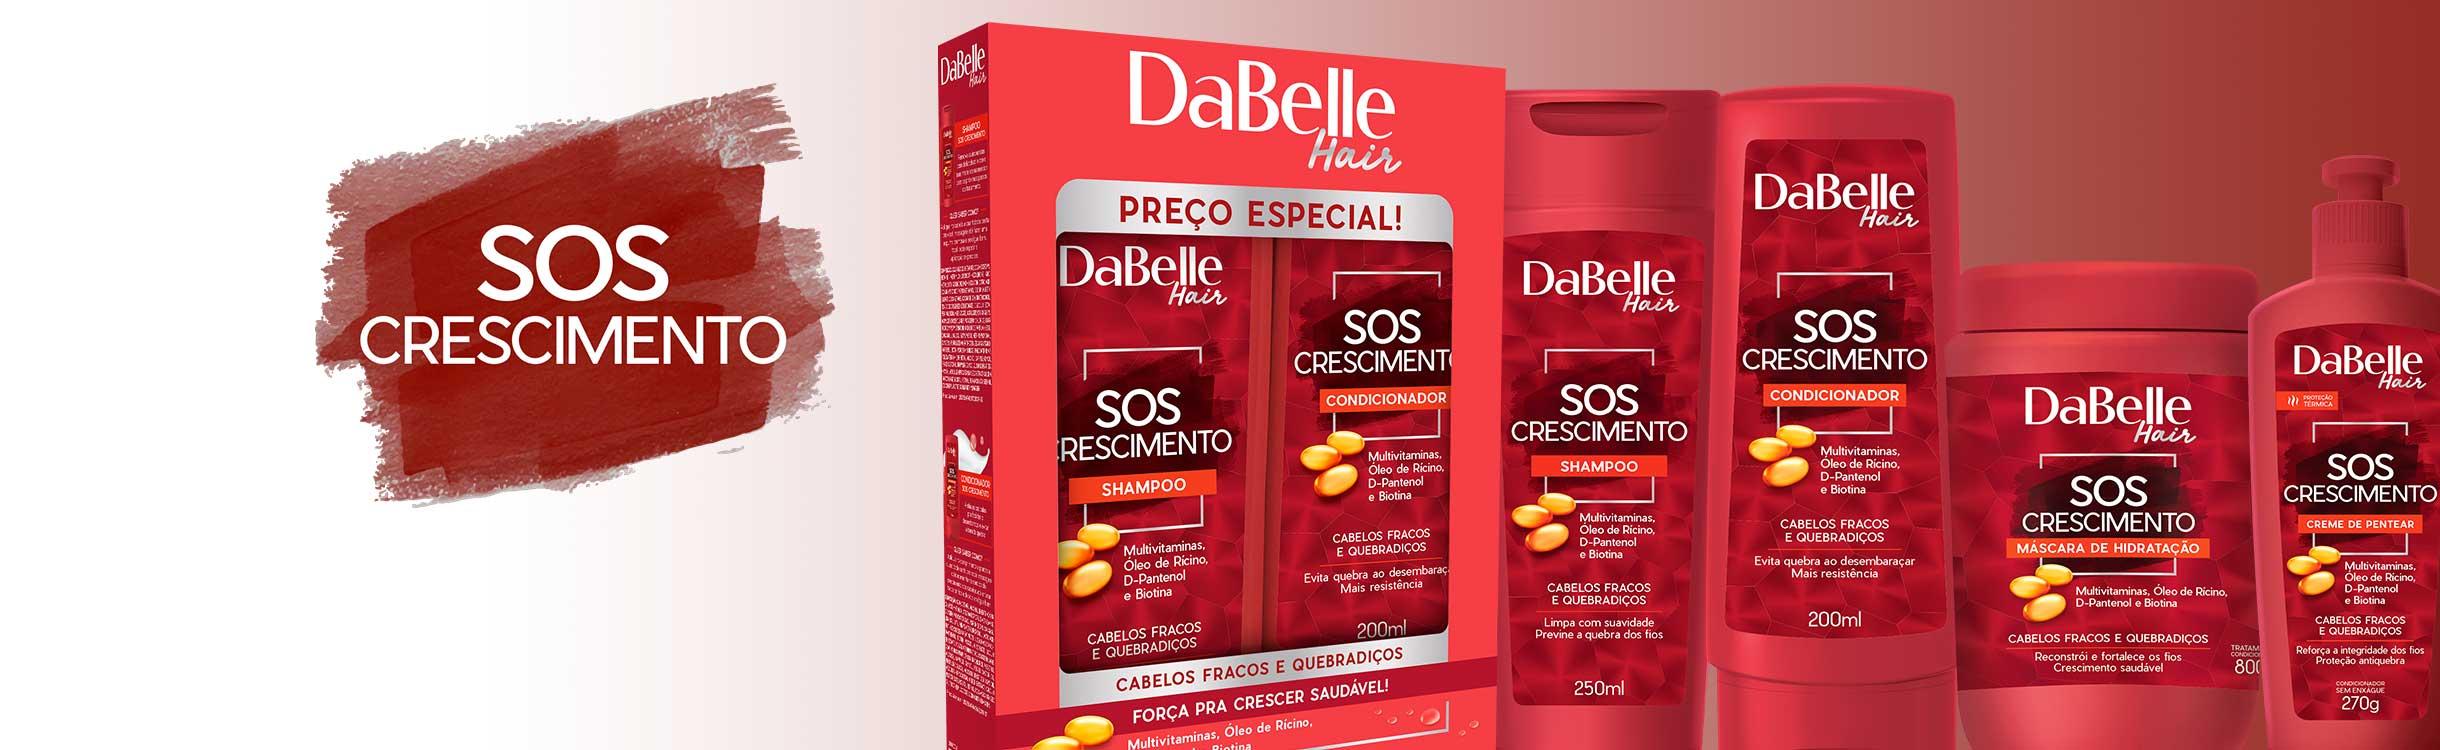 SOS Crescimento DaBelle Hair